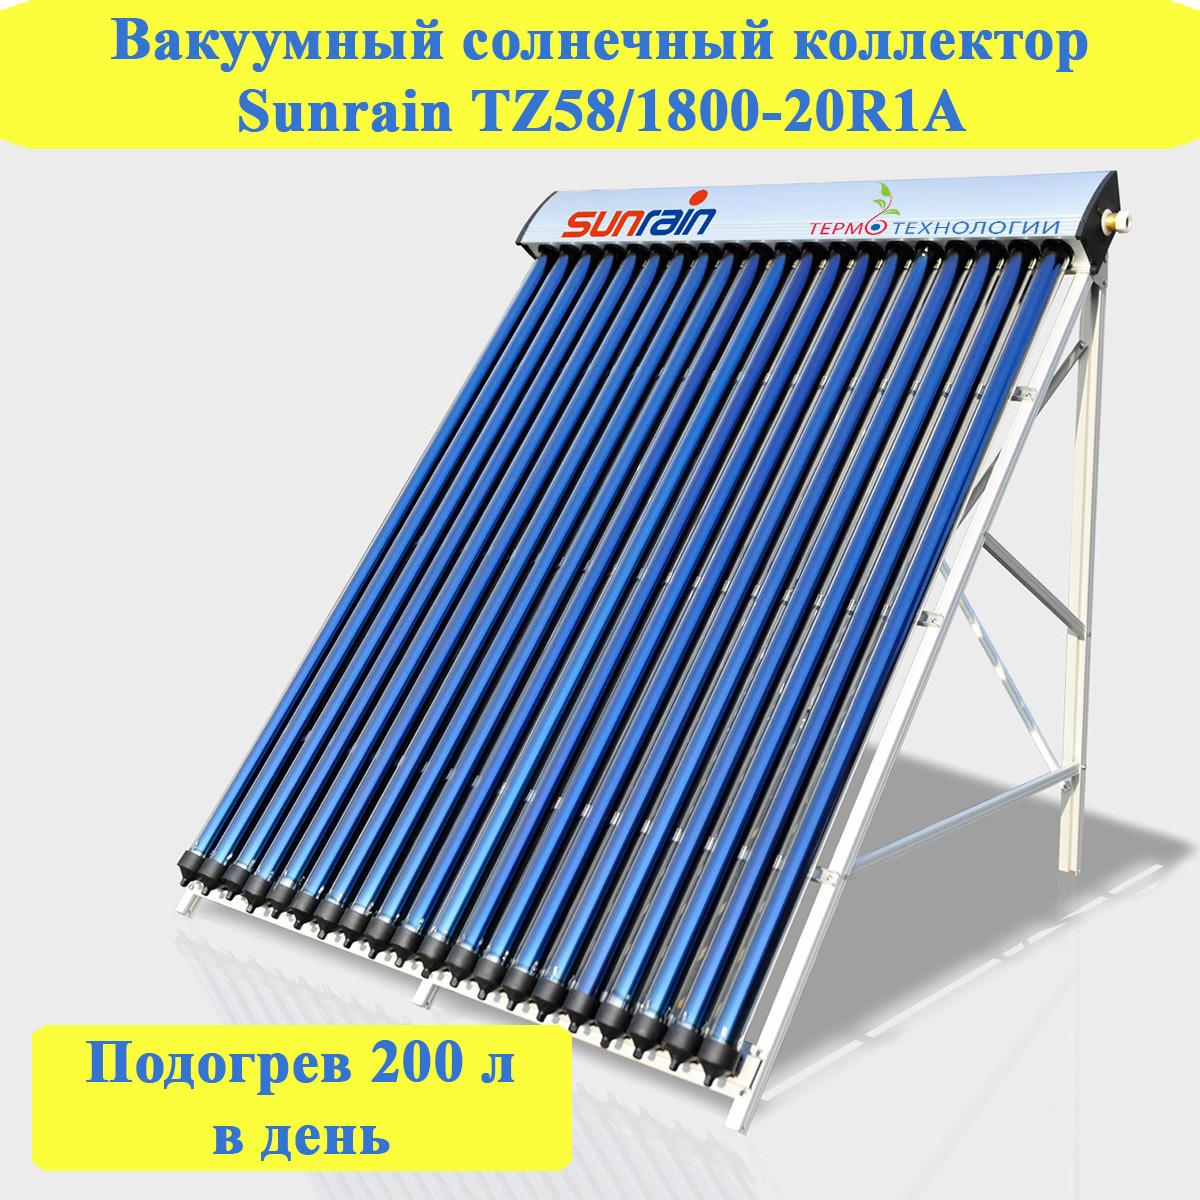 Всесезонный солнечный коллектор, вакуумный  Sunrain TZ58/1800-20R1A